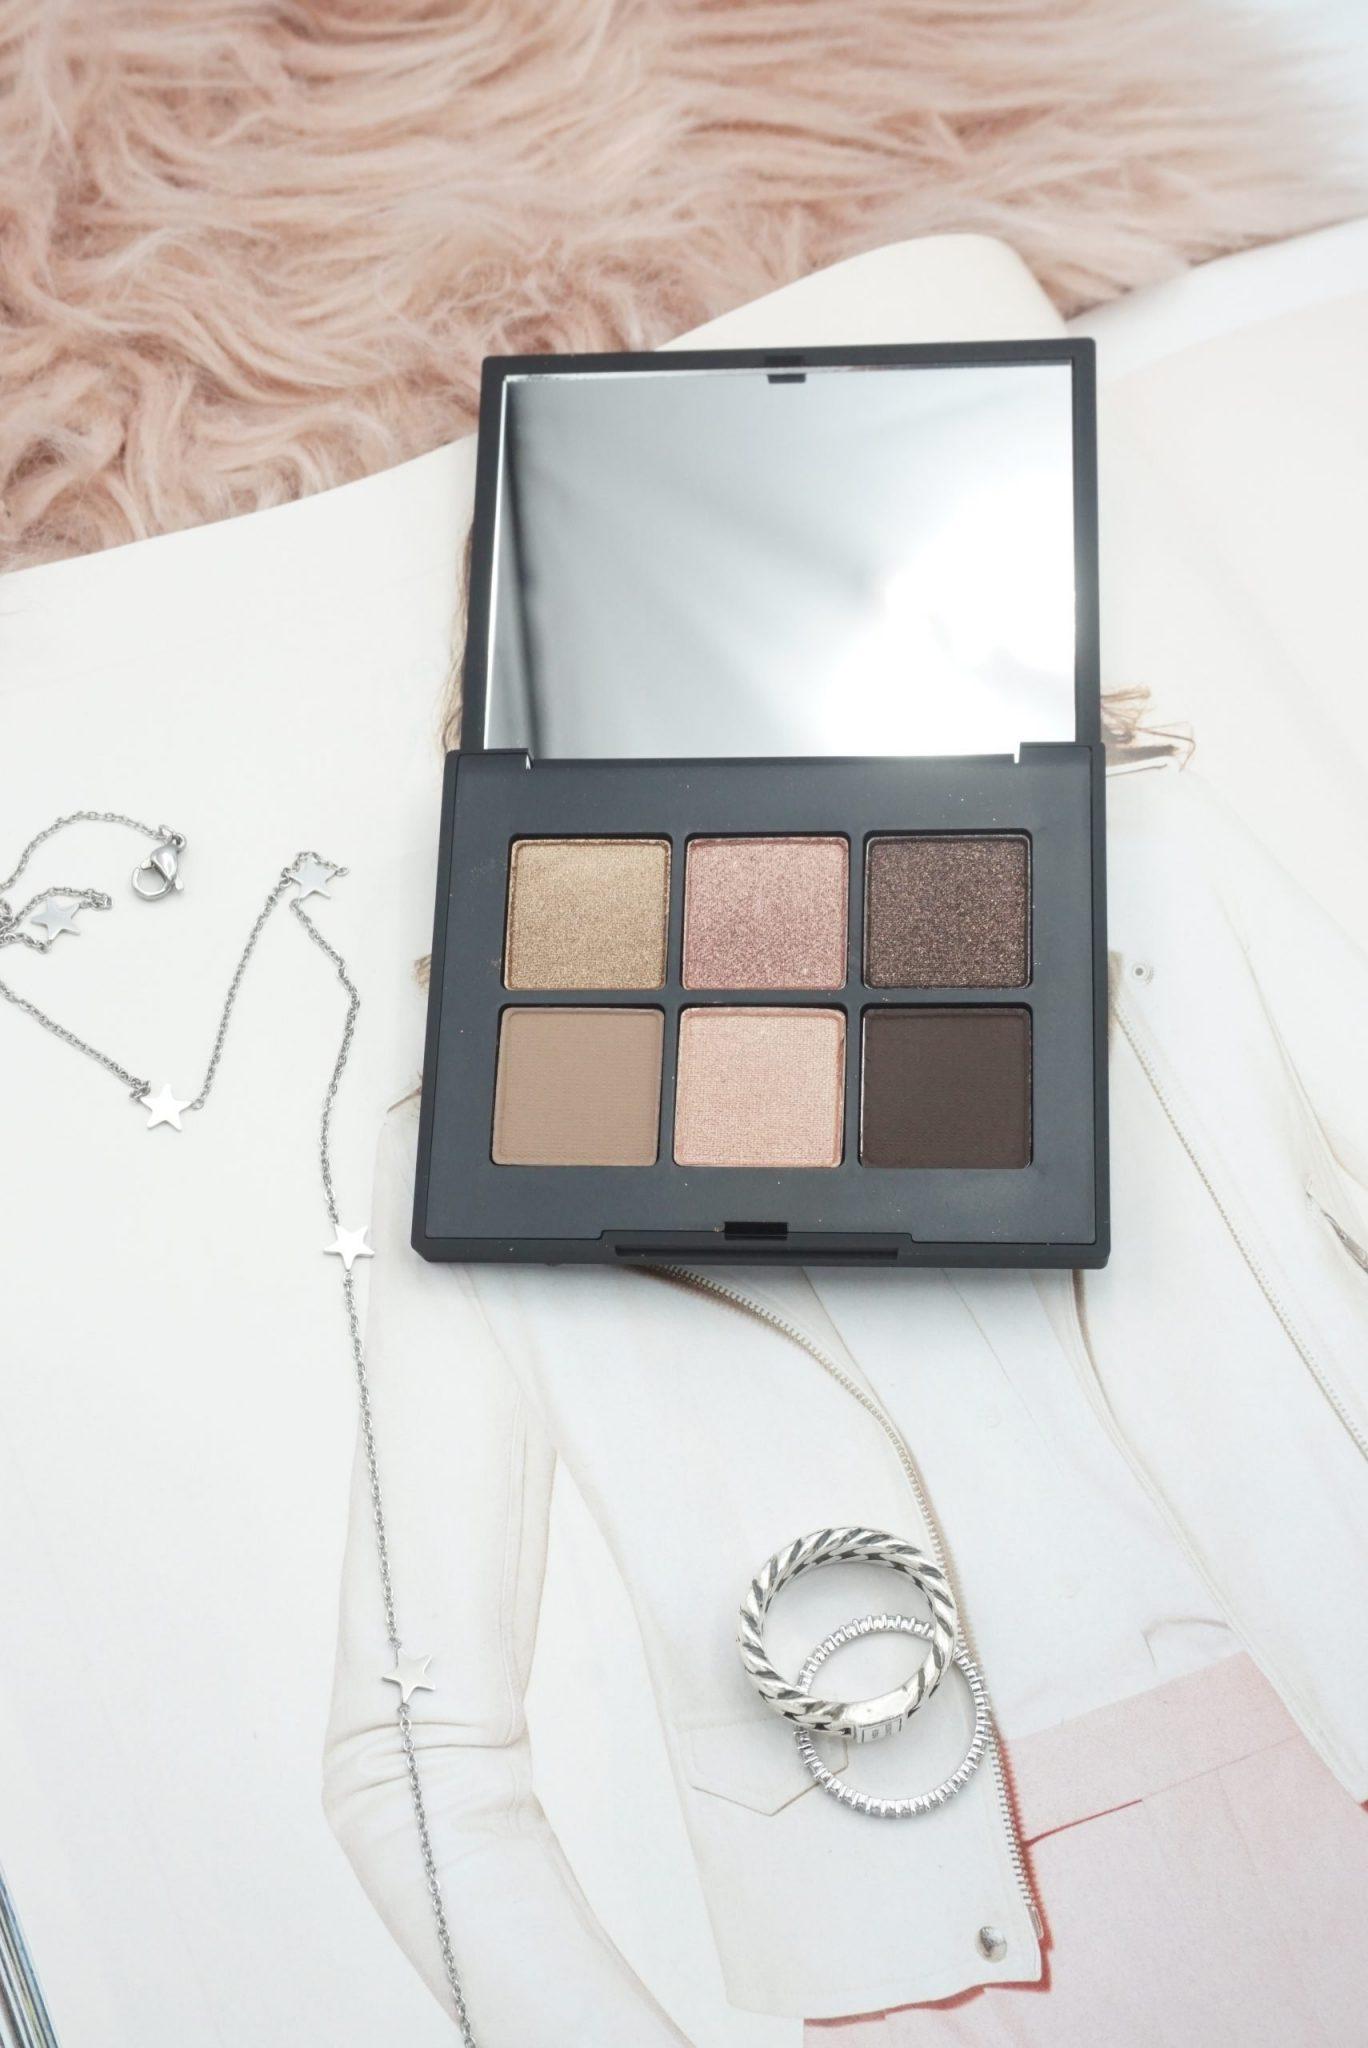 NARS Voyageur Eyeshadow Palette in Suede